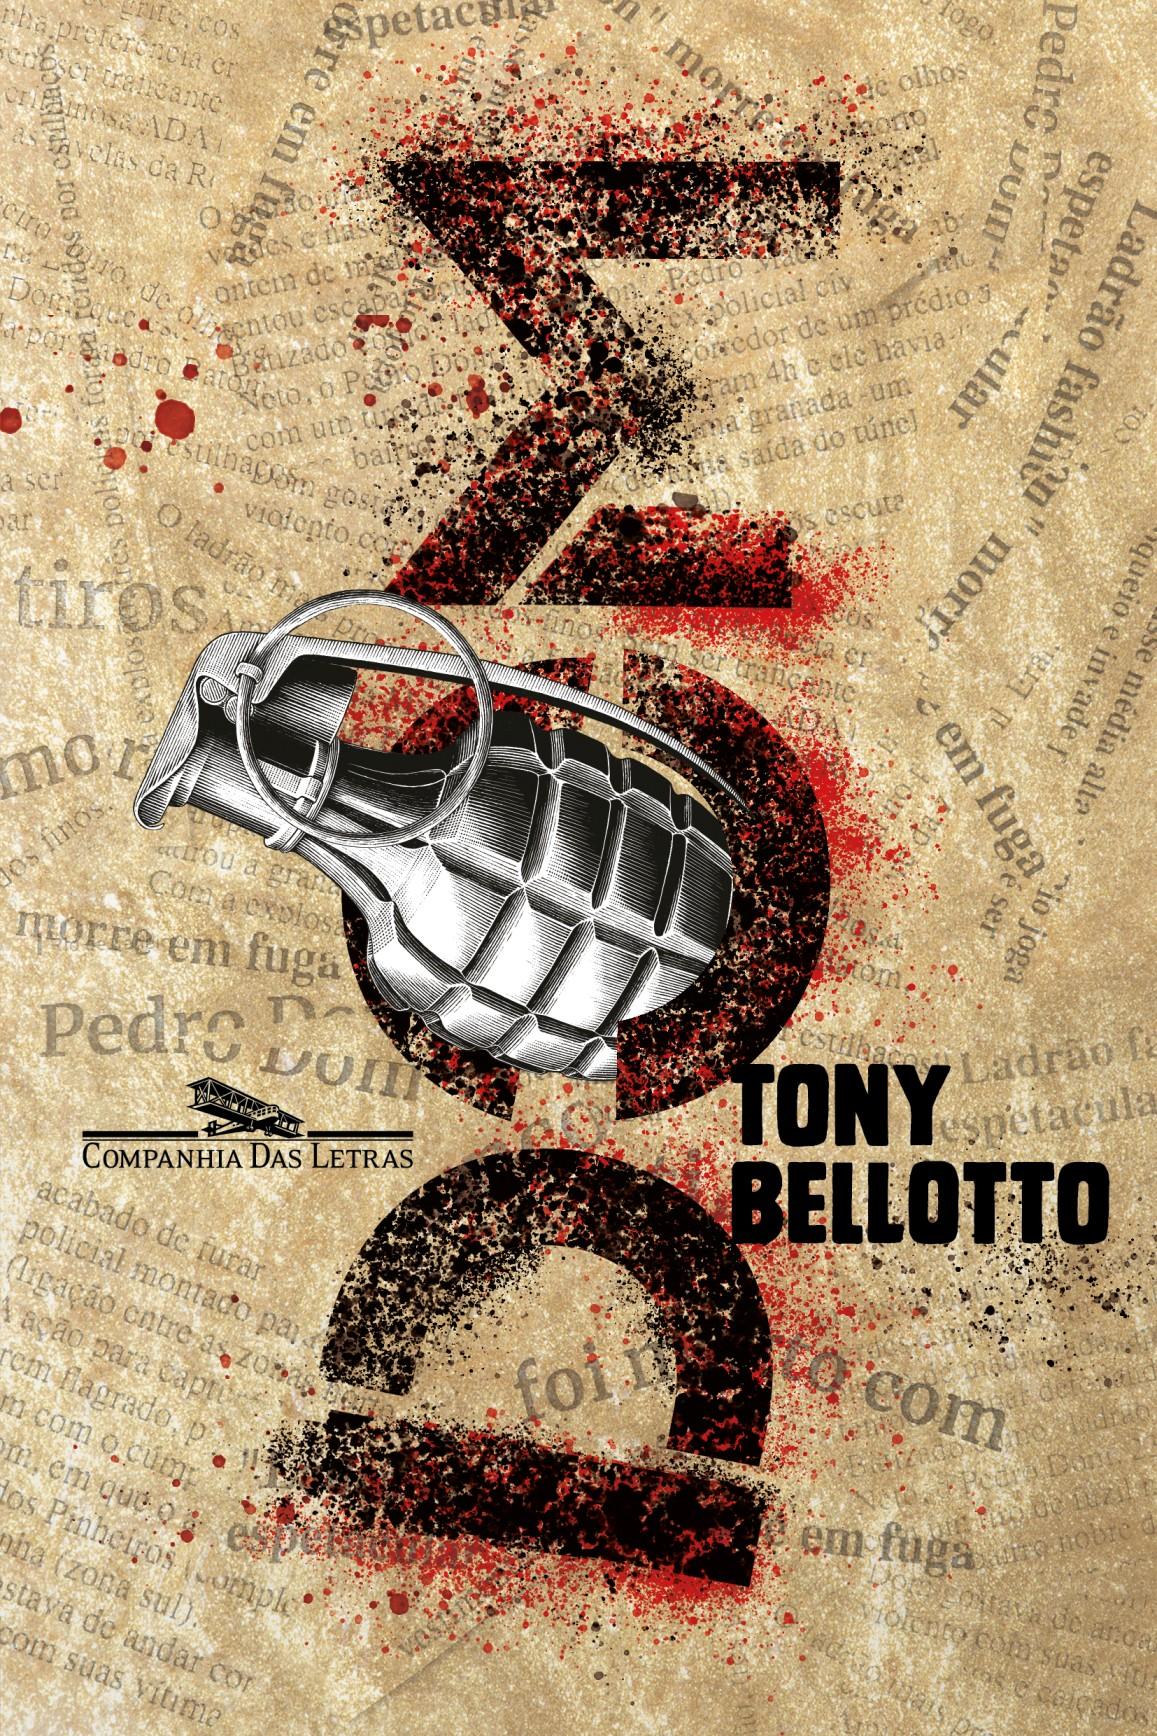 Lançamento de Tony Bellotto é indicação de leitura na quarentena